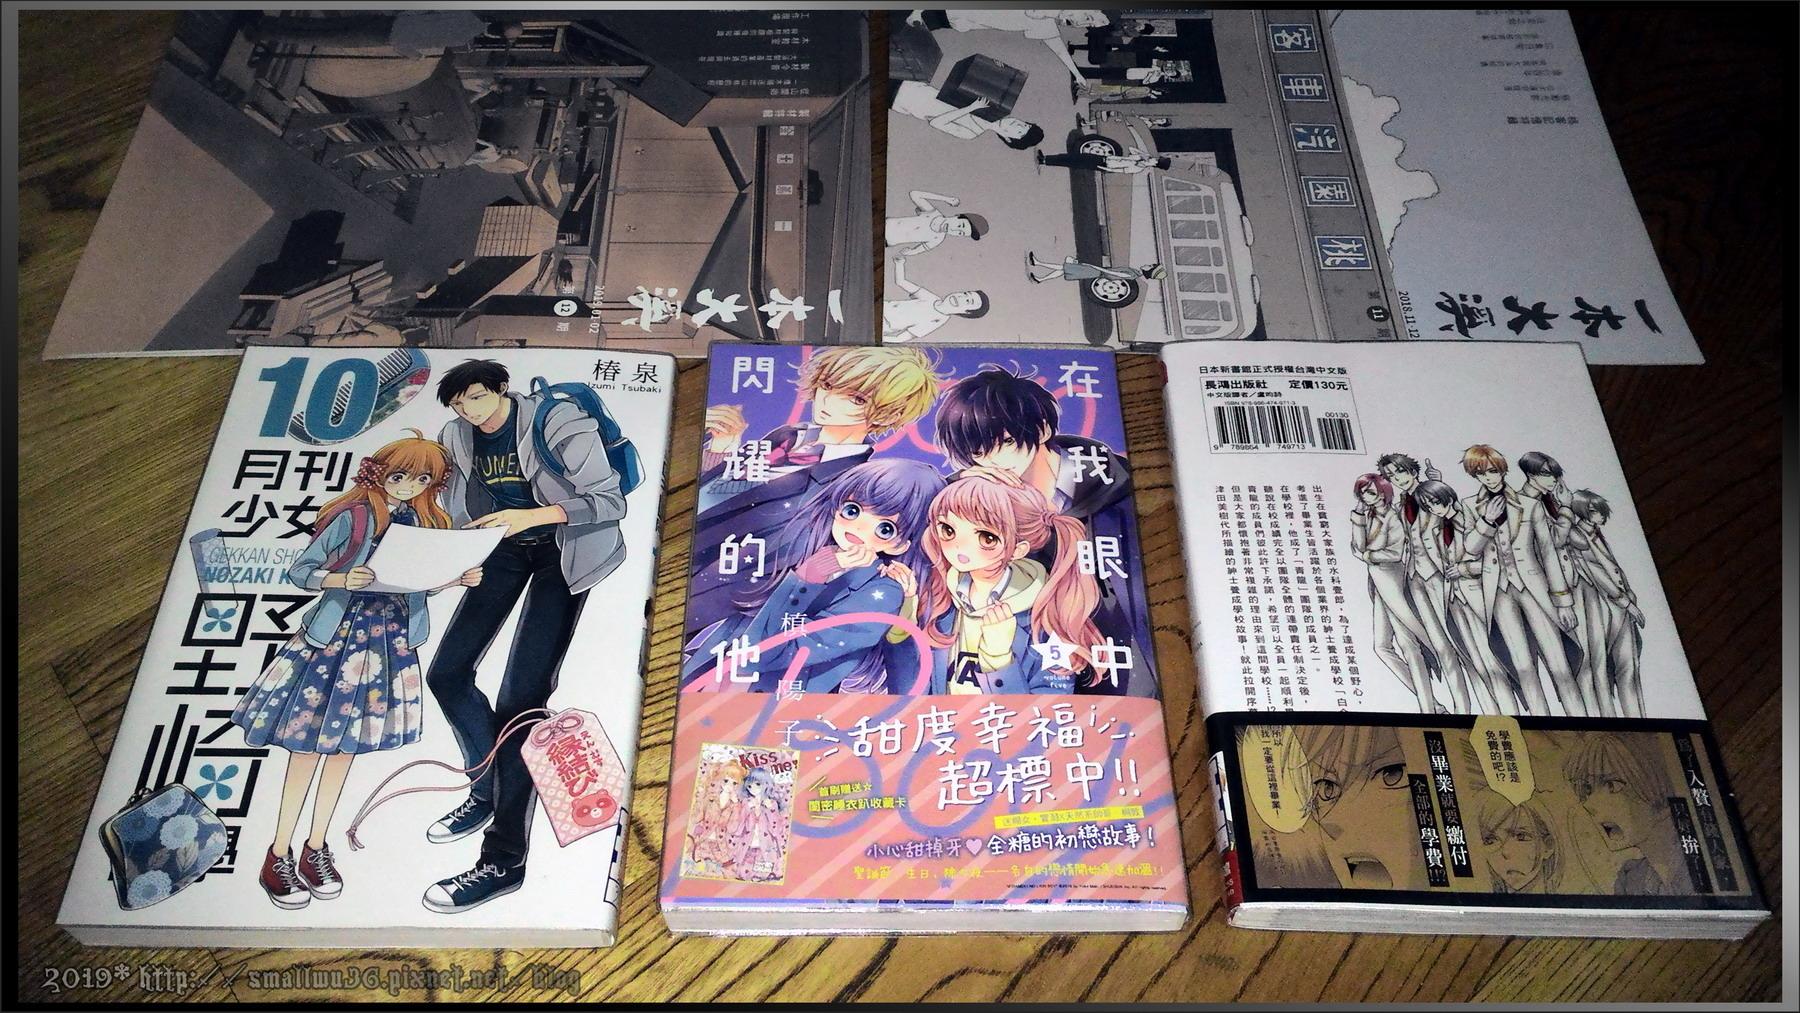 椿泉-月刊少女野崎10, 慎楊子-在我眼中閃耀的他 5.jpg